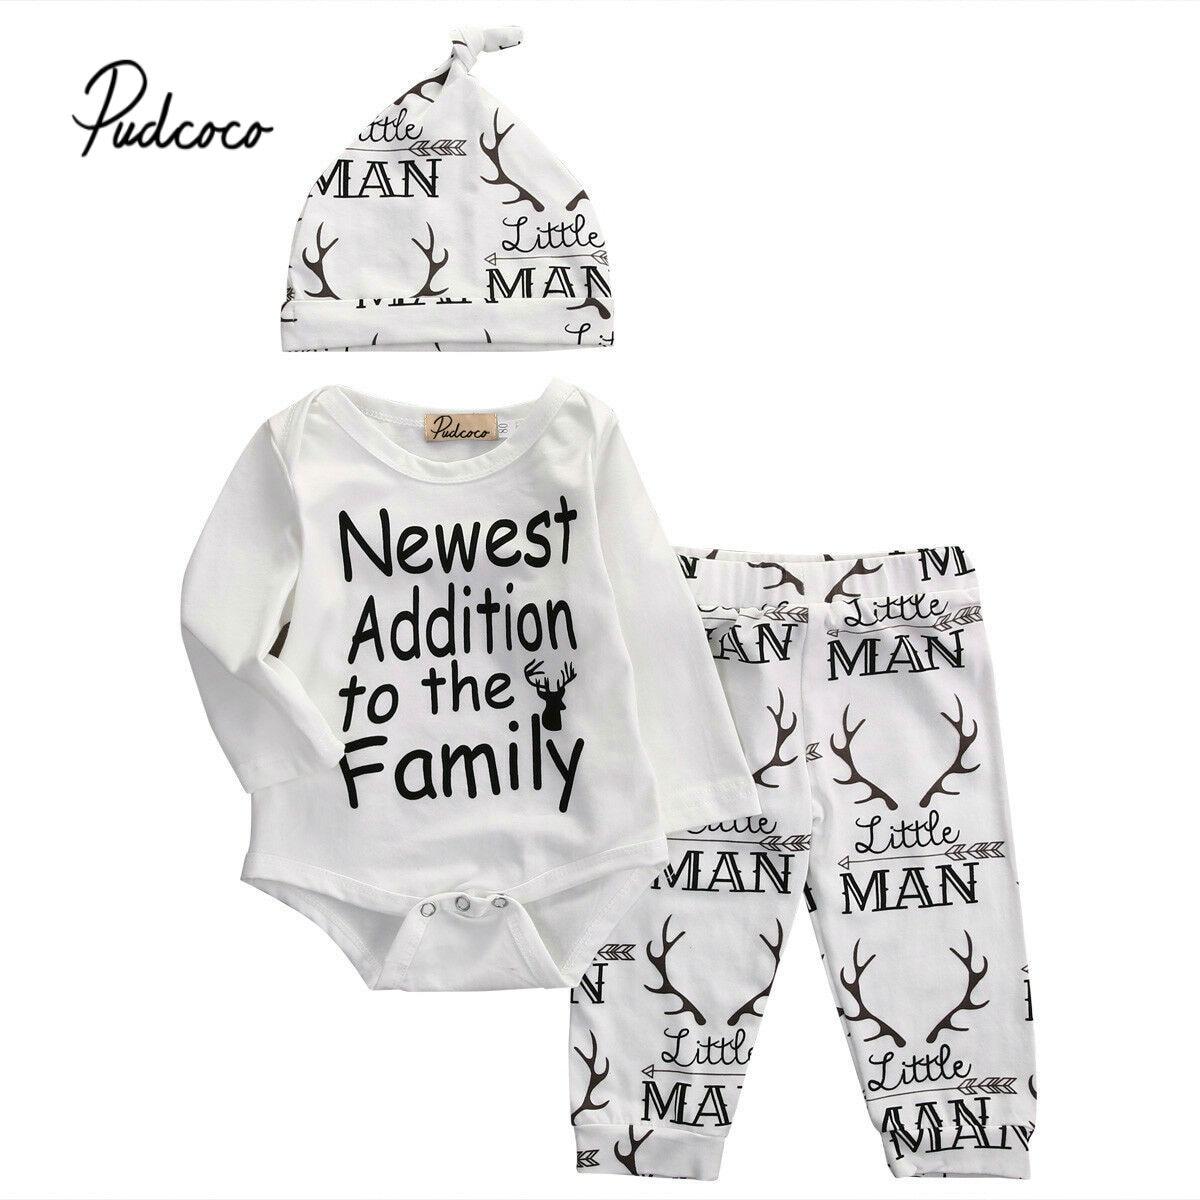 5a6b2290d Cheap Pudcoco 2019 bebé niñas ropa para niños recién nacido para traje  femenino conjunto de ropa